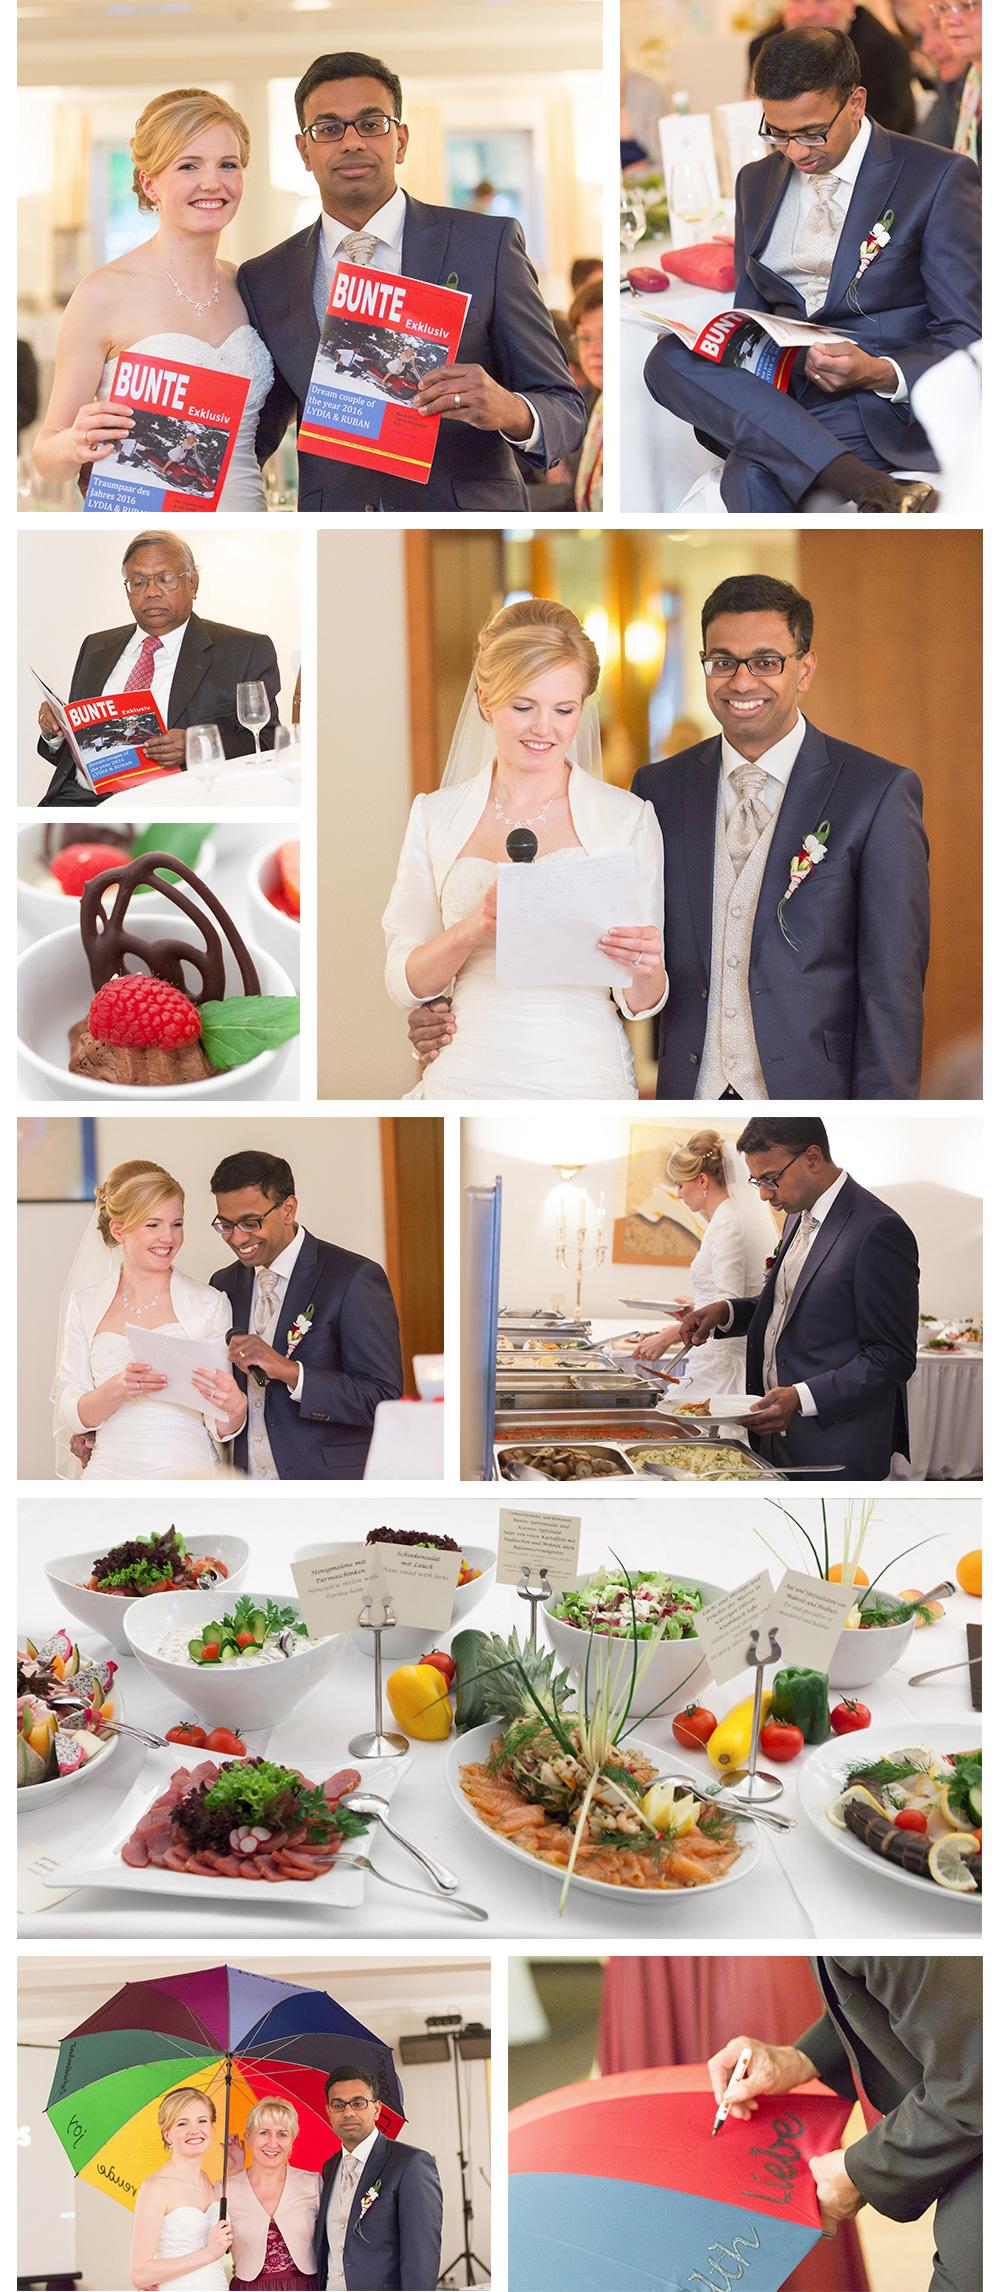 7 Romantikhotel Schwanenfelde in Meerane, internationale Trauung, internationale Hochzeit in Sachsen